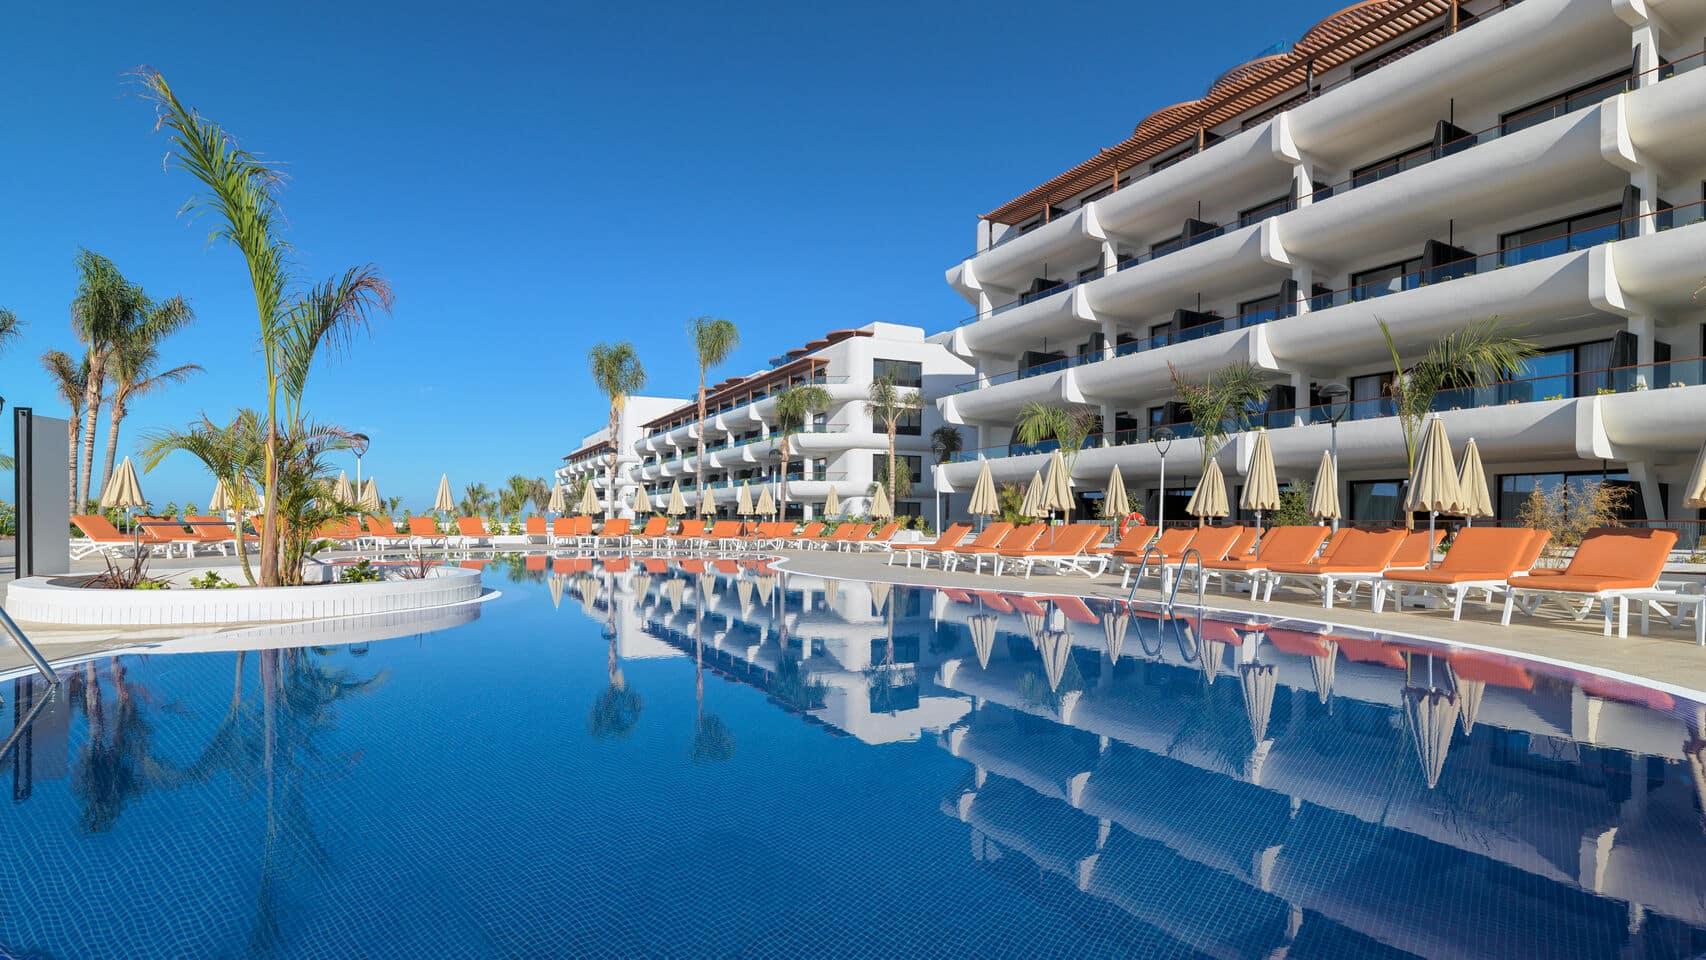 Estos hoteles abrirán sus piscinas al público en lo que queda de verano - novedades, lugares